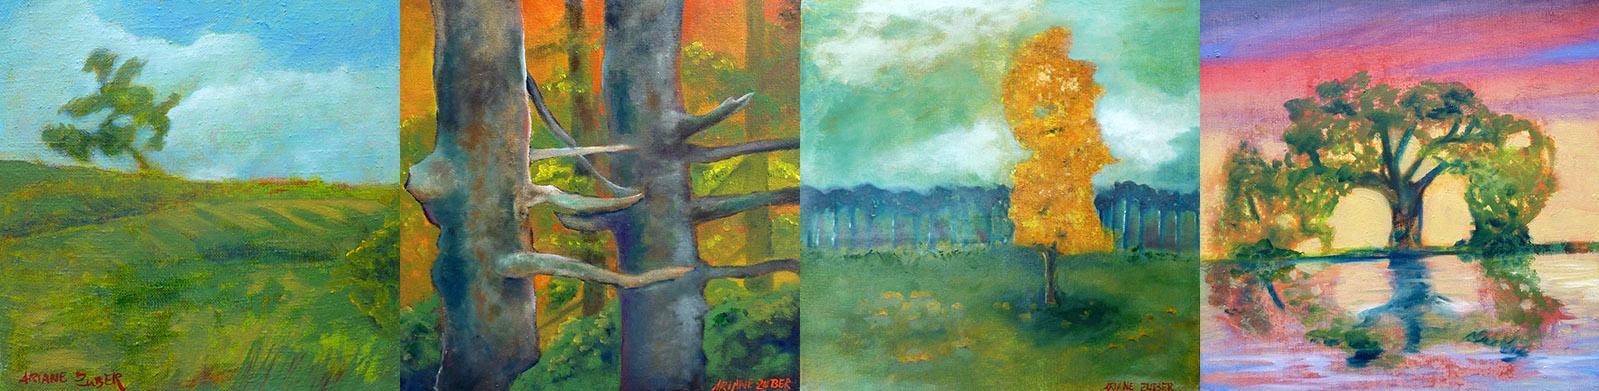 Bäume, Öl auf Leinwand, Ariane Zuber, je 30x30 cm